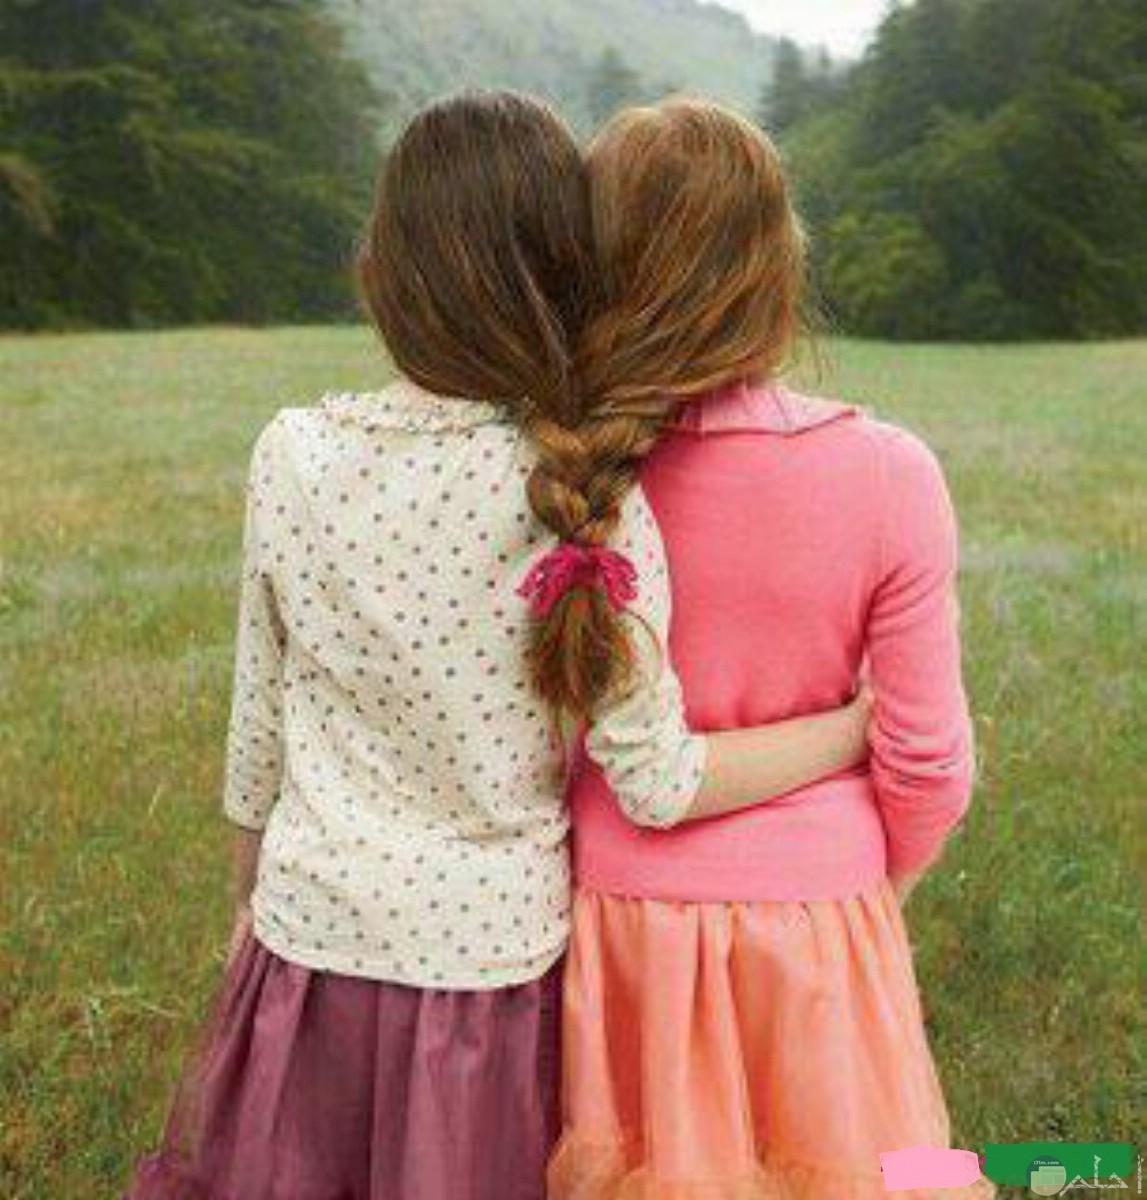 صورة بنتين مترابطتين.